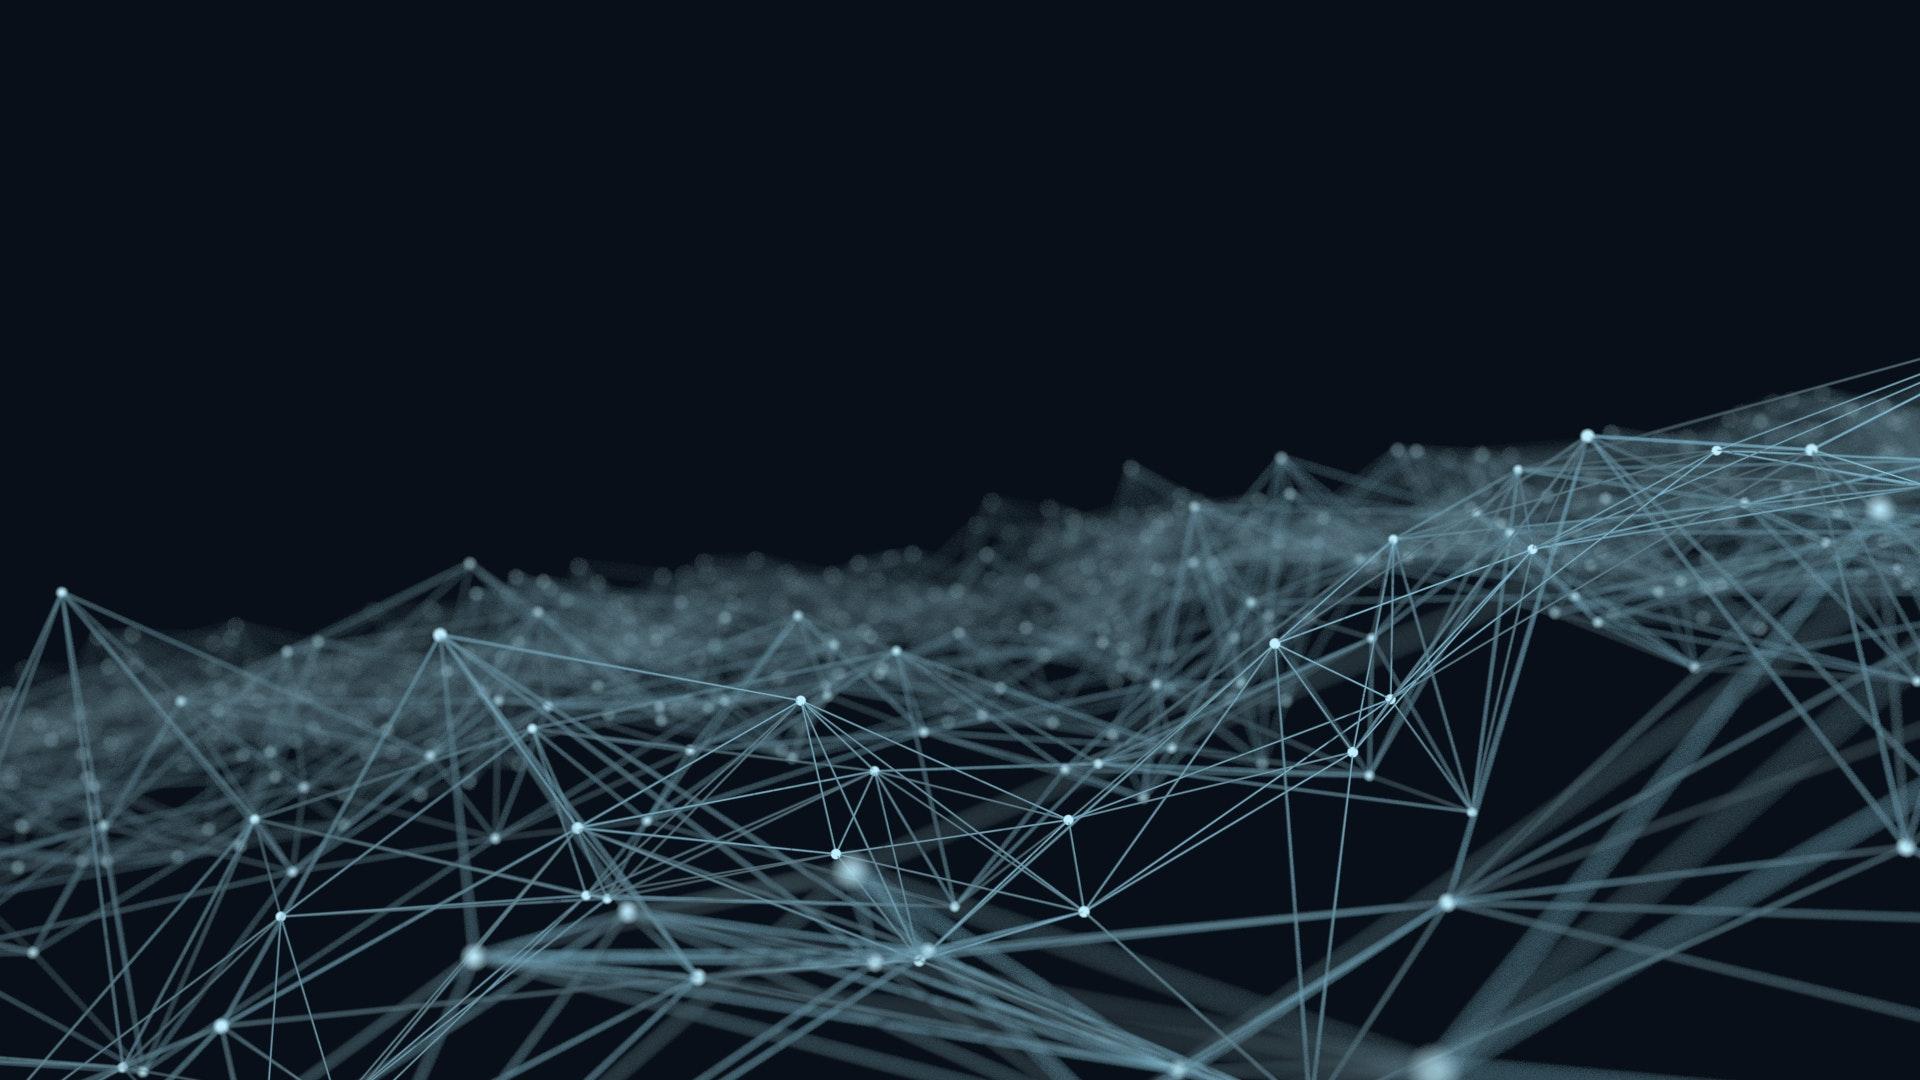 인공지능이 코로나 바이러스를 먼저 예측했다?